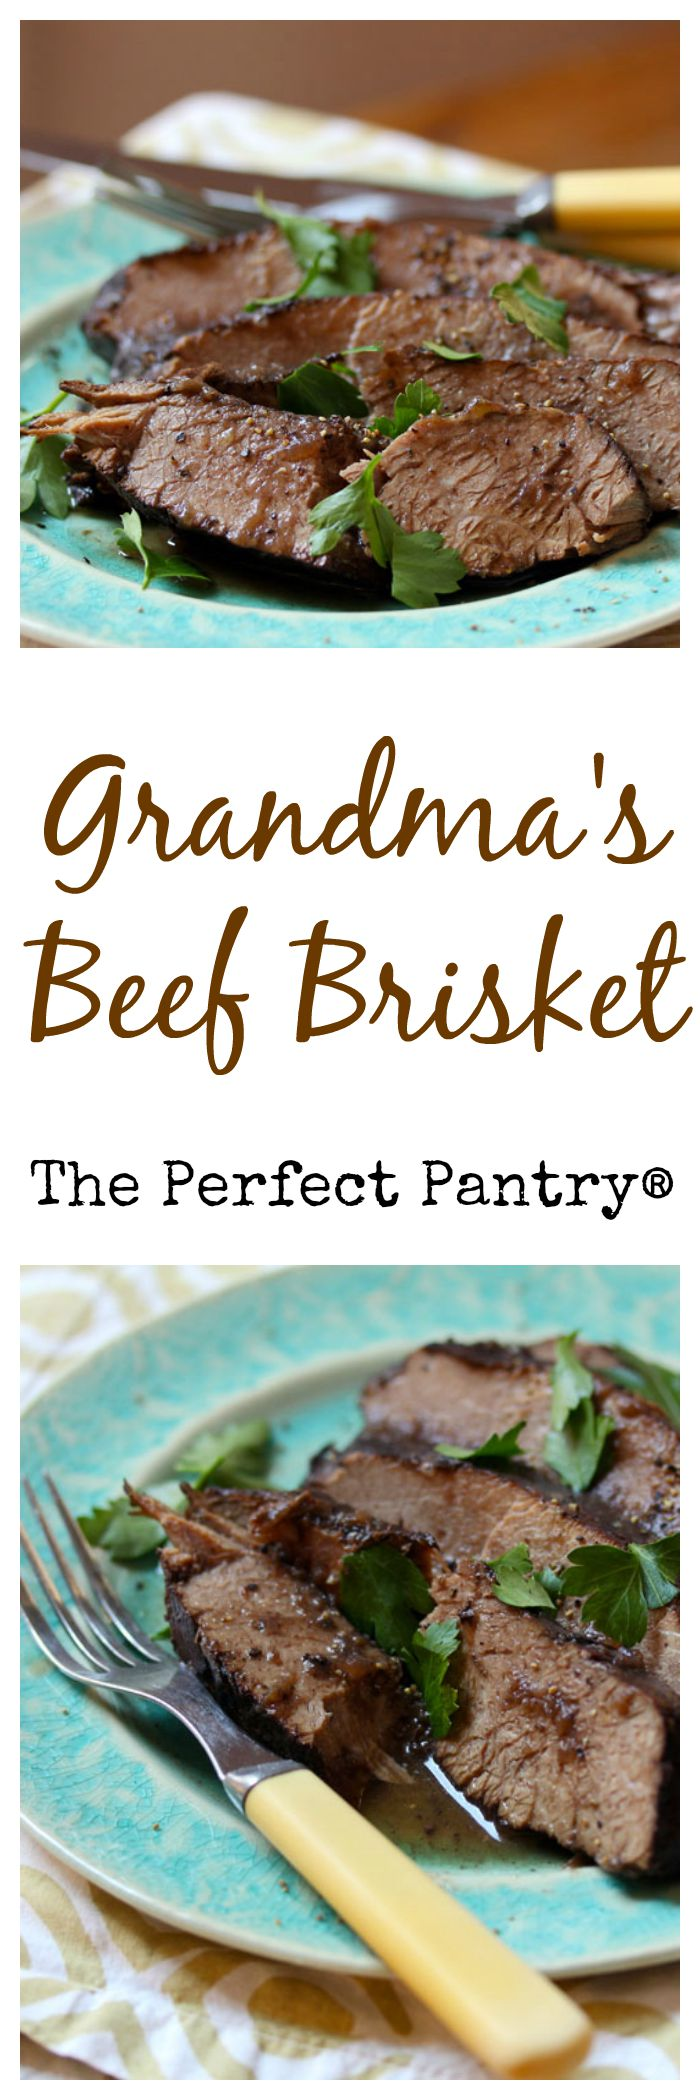 Grandma's beef brisket, braised in red wine until it practically falls apart.